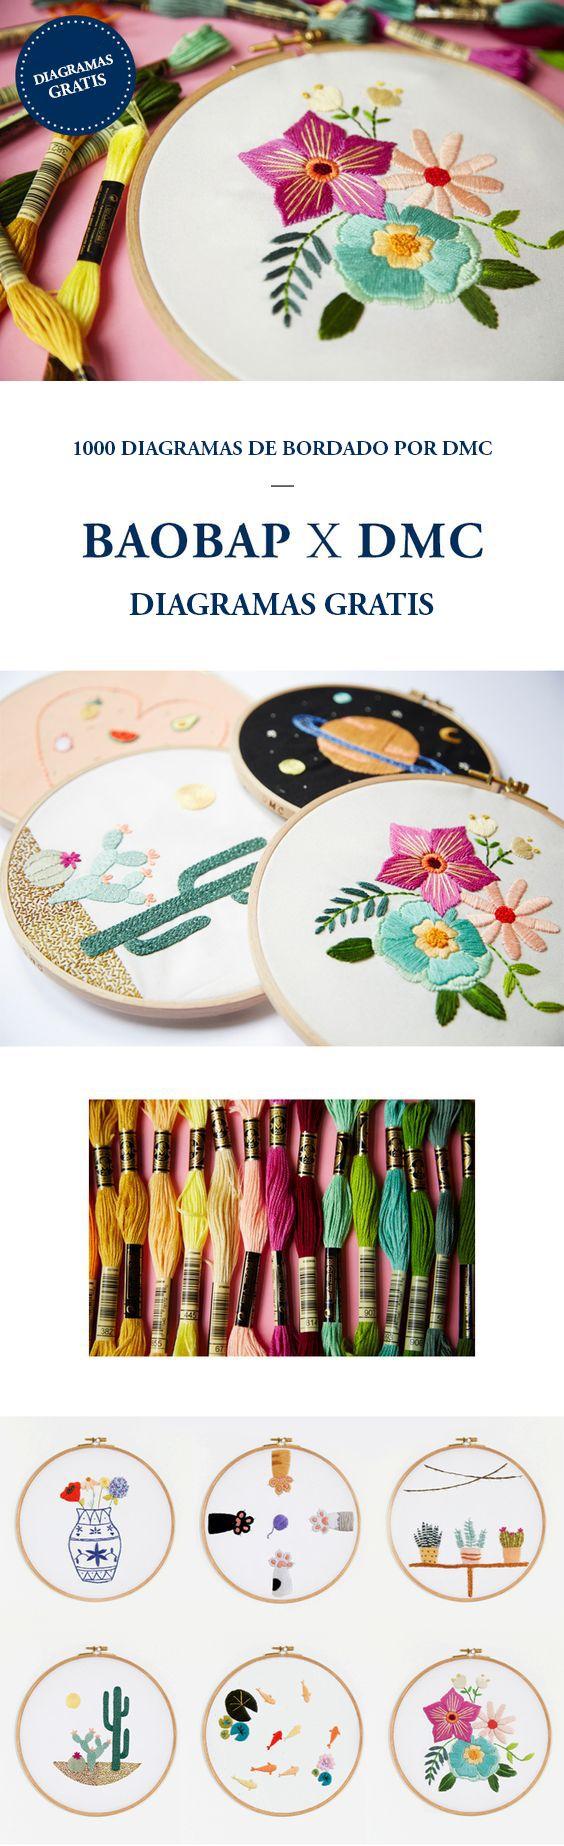 DIAGRAMAS DE BORDADO GRATIS POR DMC | embroidery | Pinterest ...